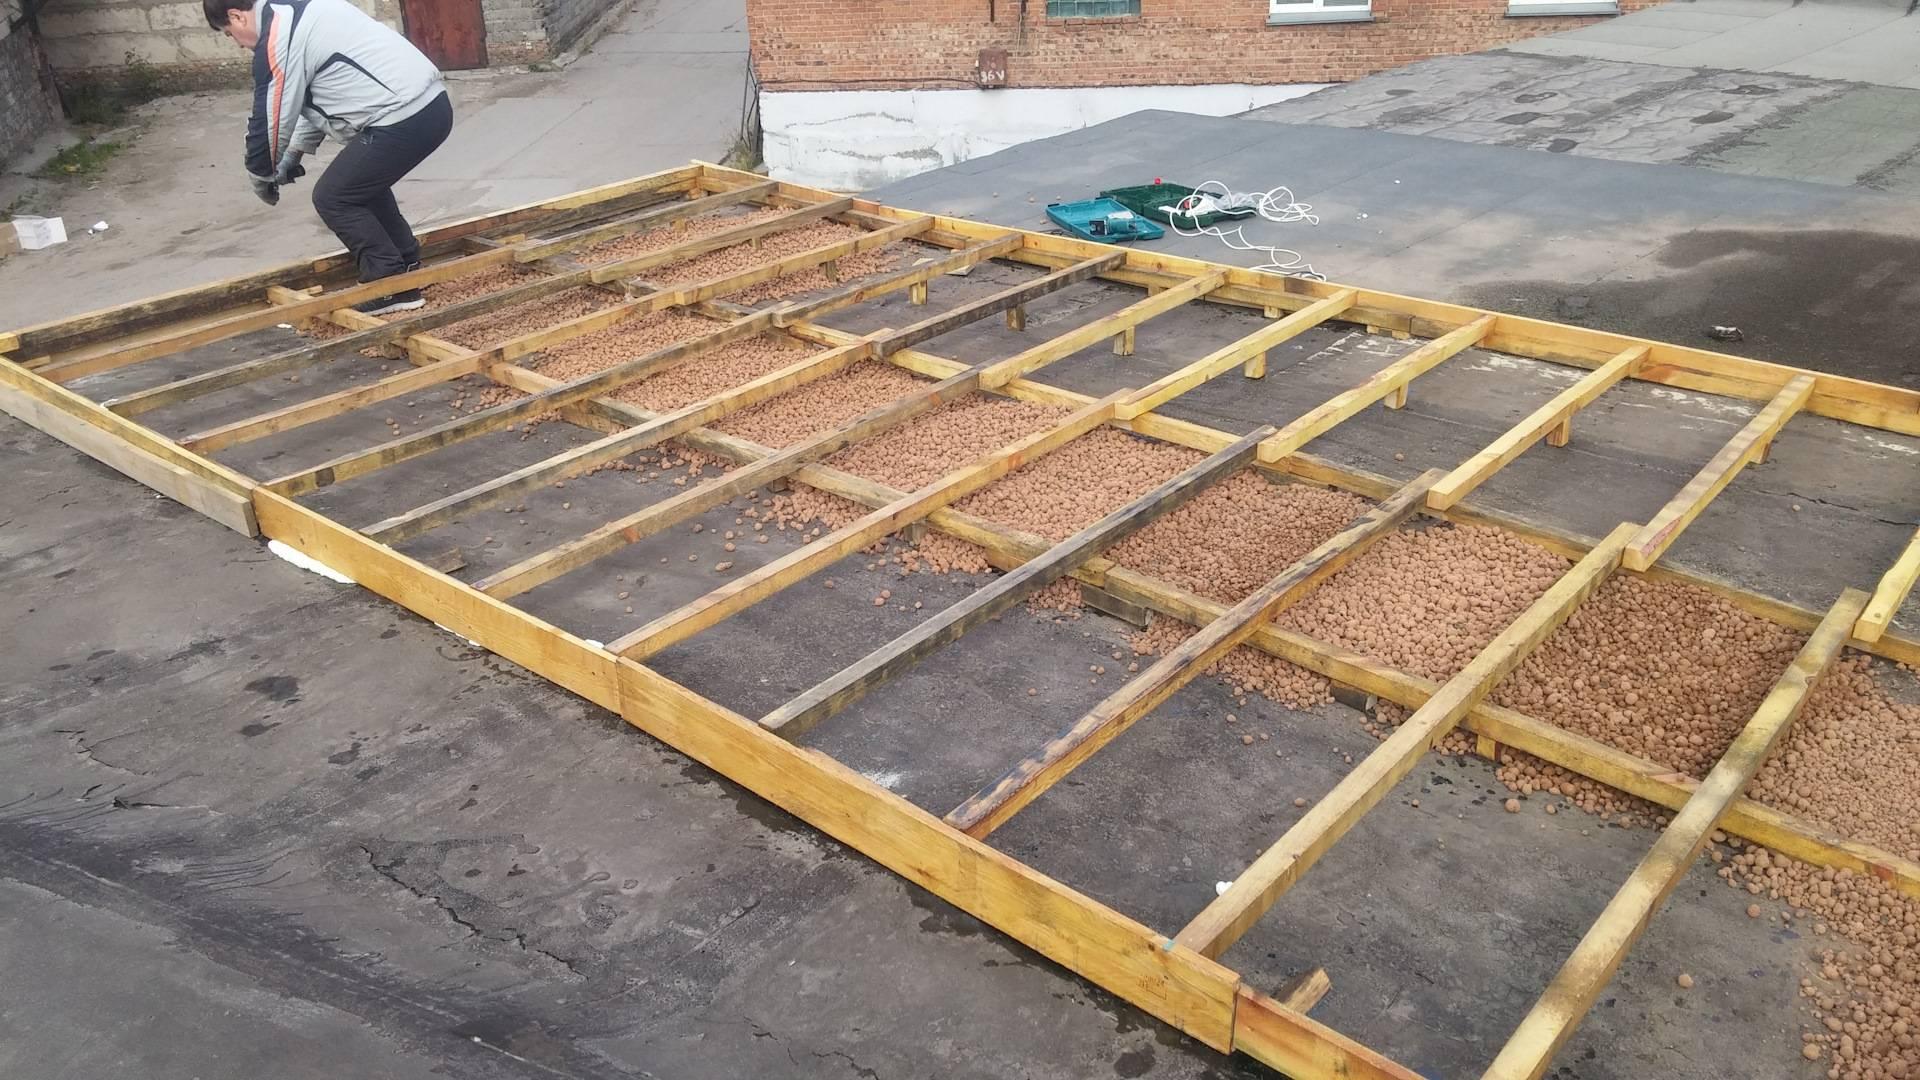 Пошаговое строительство односкатной крыши на гараже своими руками: как правильно сделать, фото-материалы